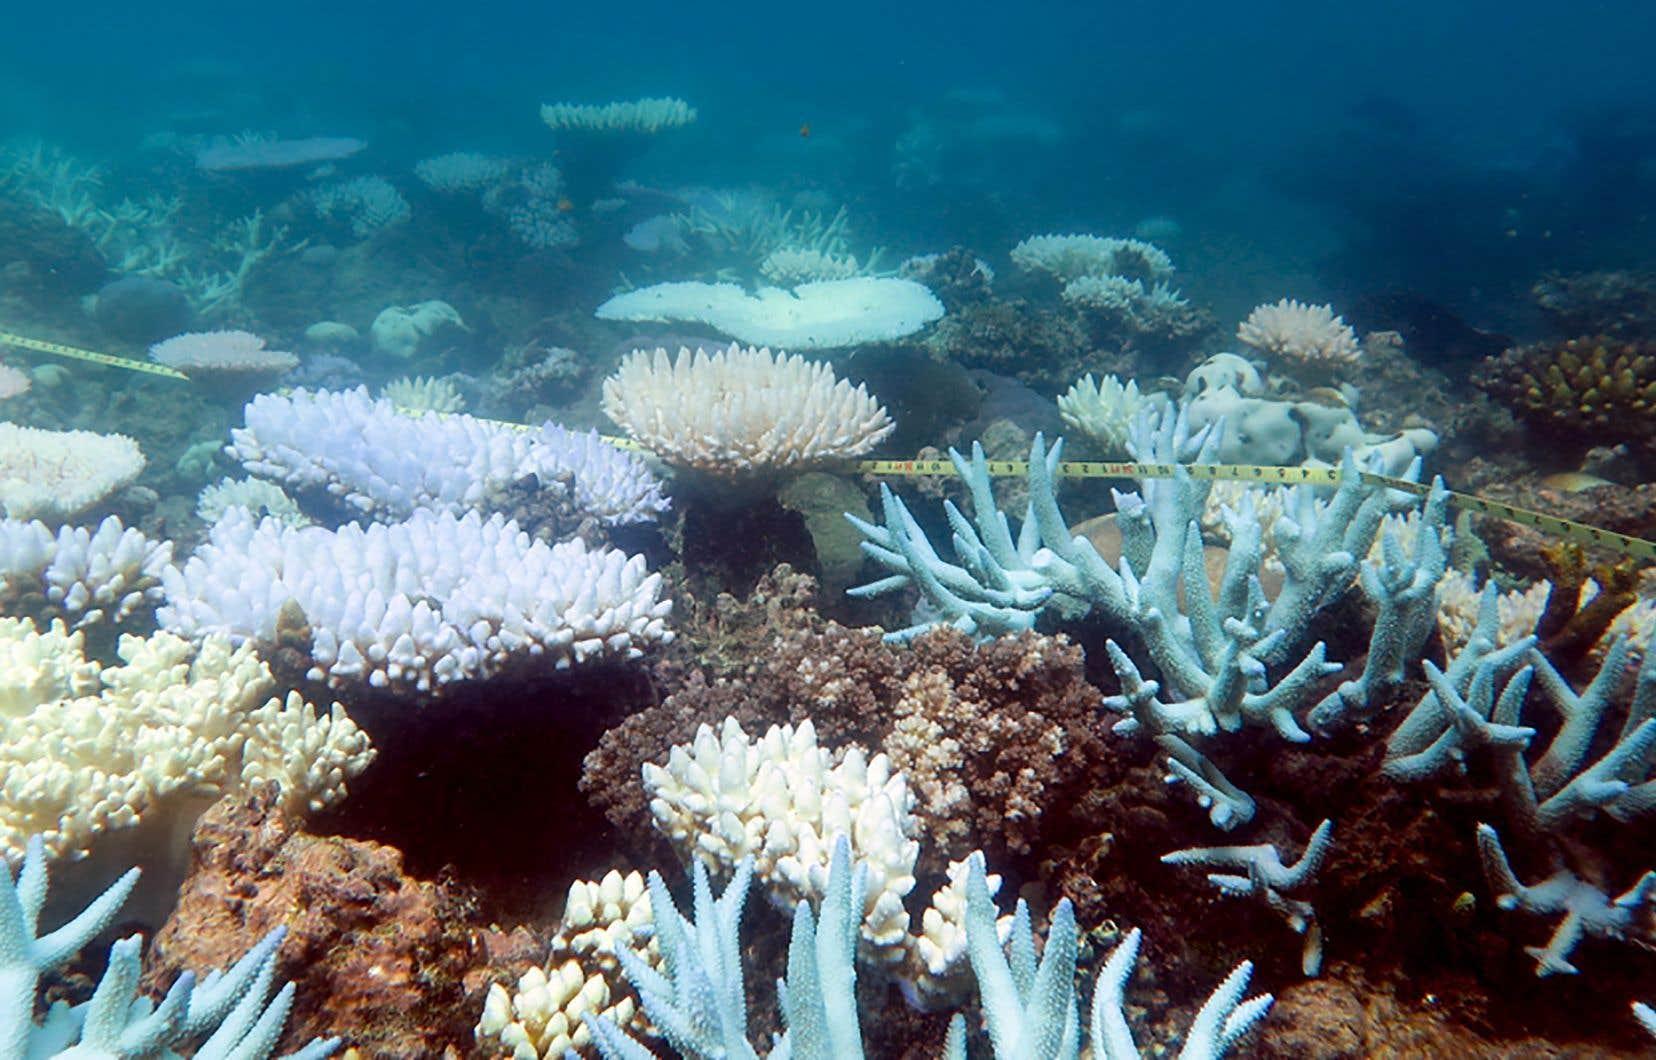 Les récifs peuvent s'en remettre si l'eau refroidit, mais ils peuvent aussi mourir si le blanchissement persiste.